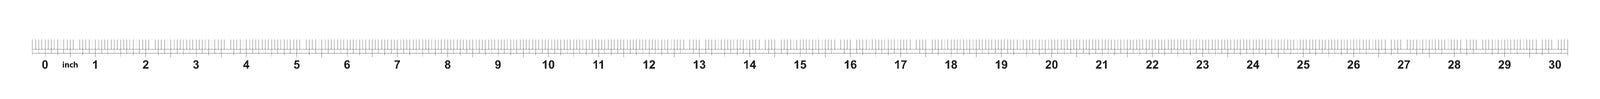 règle de 30 pouces L'exactitude de repérage est un seizième de pouce Grille impériale